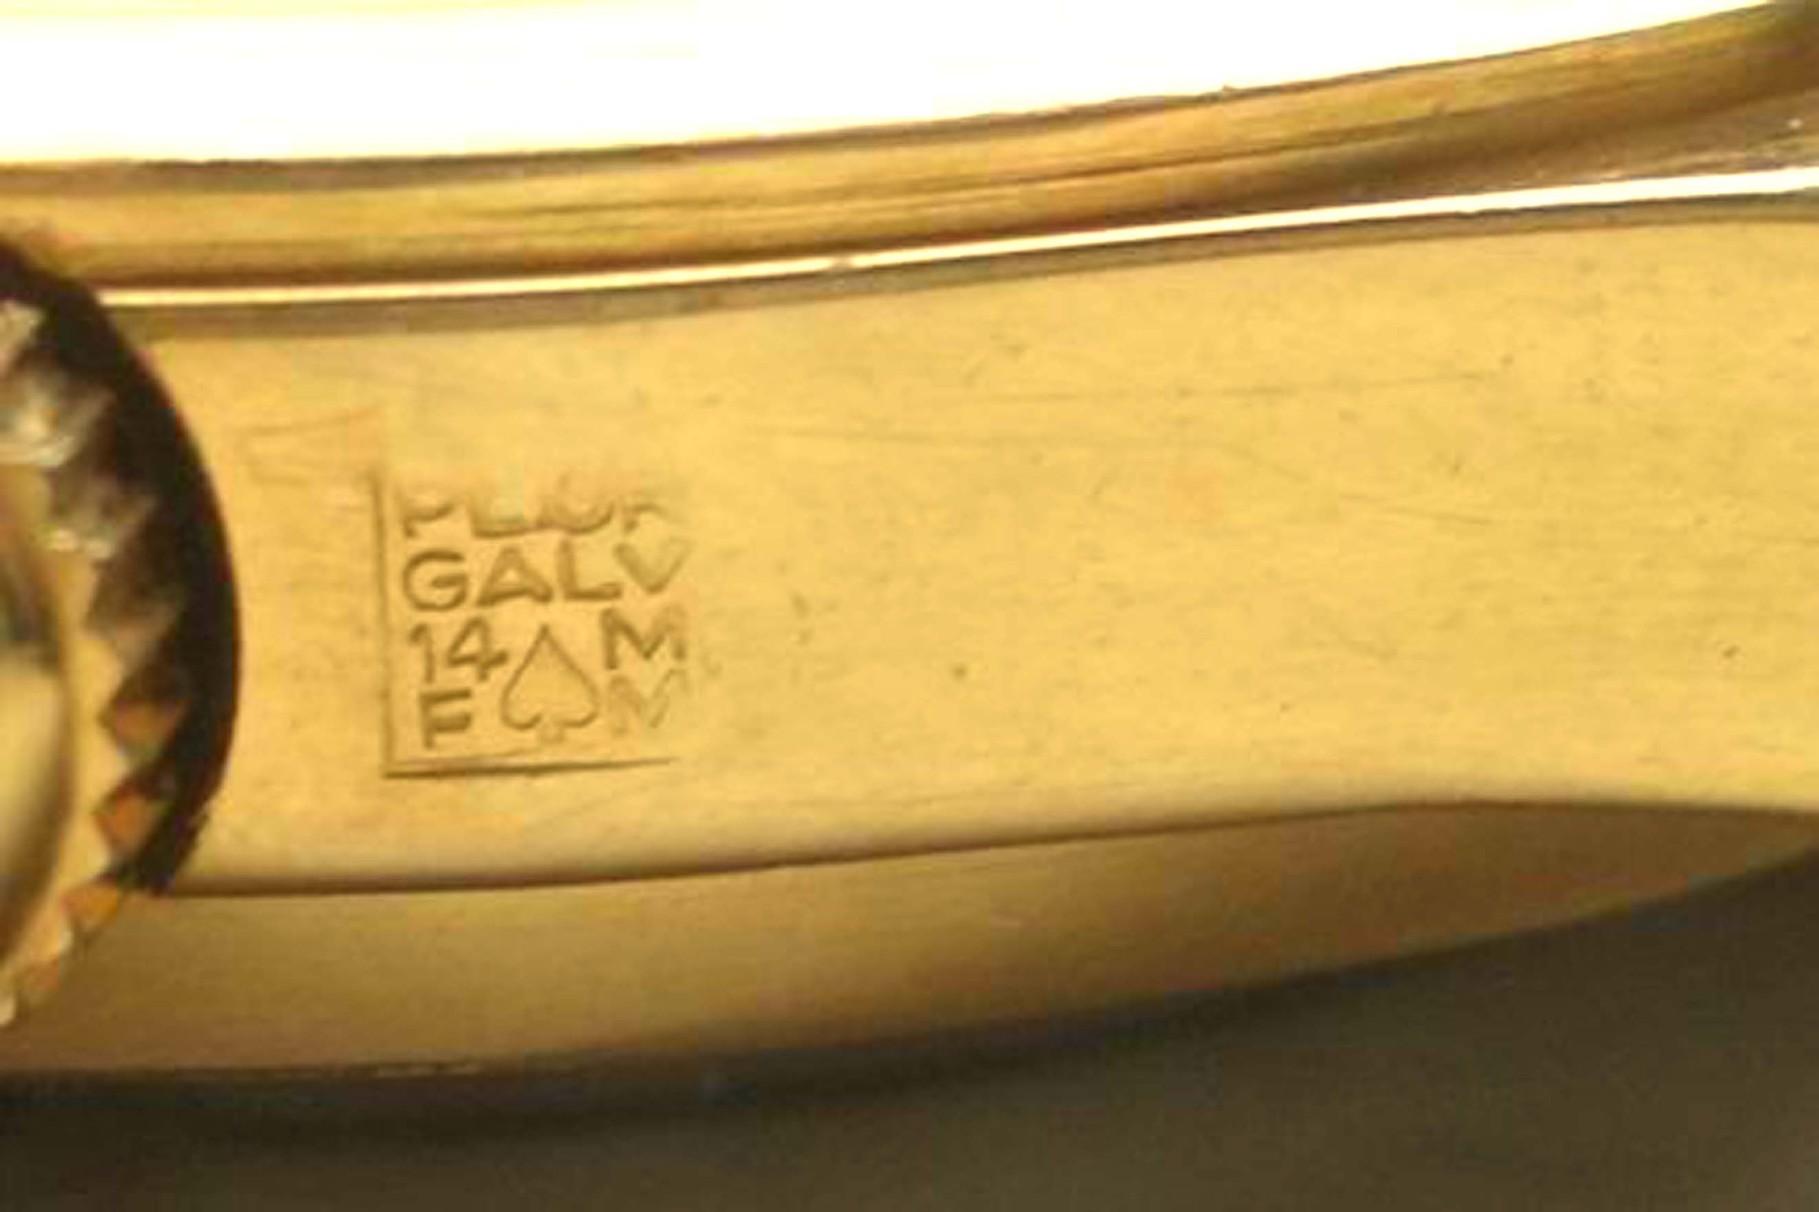 Punze für die 14 Karat galvanische Vergoldung